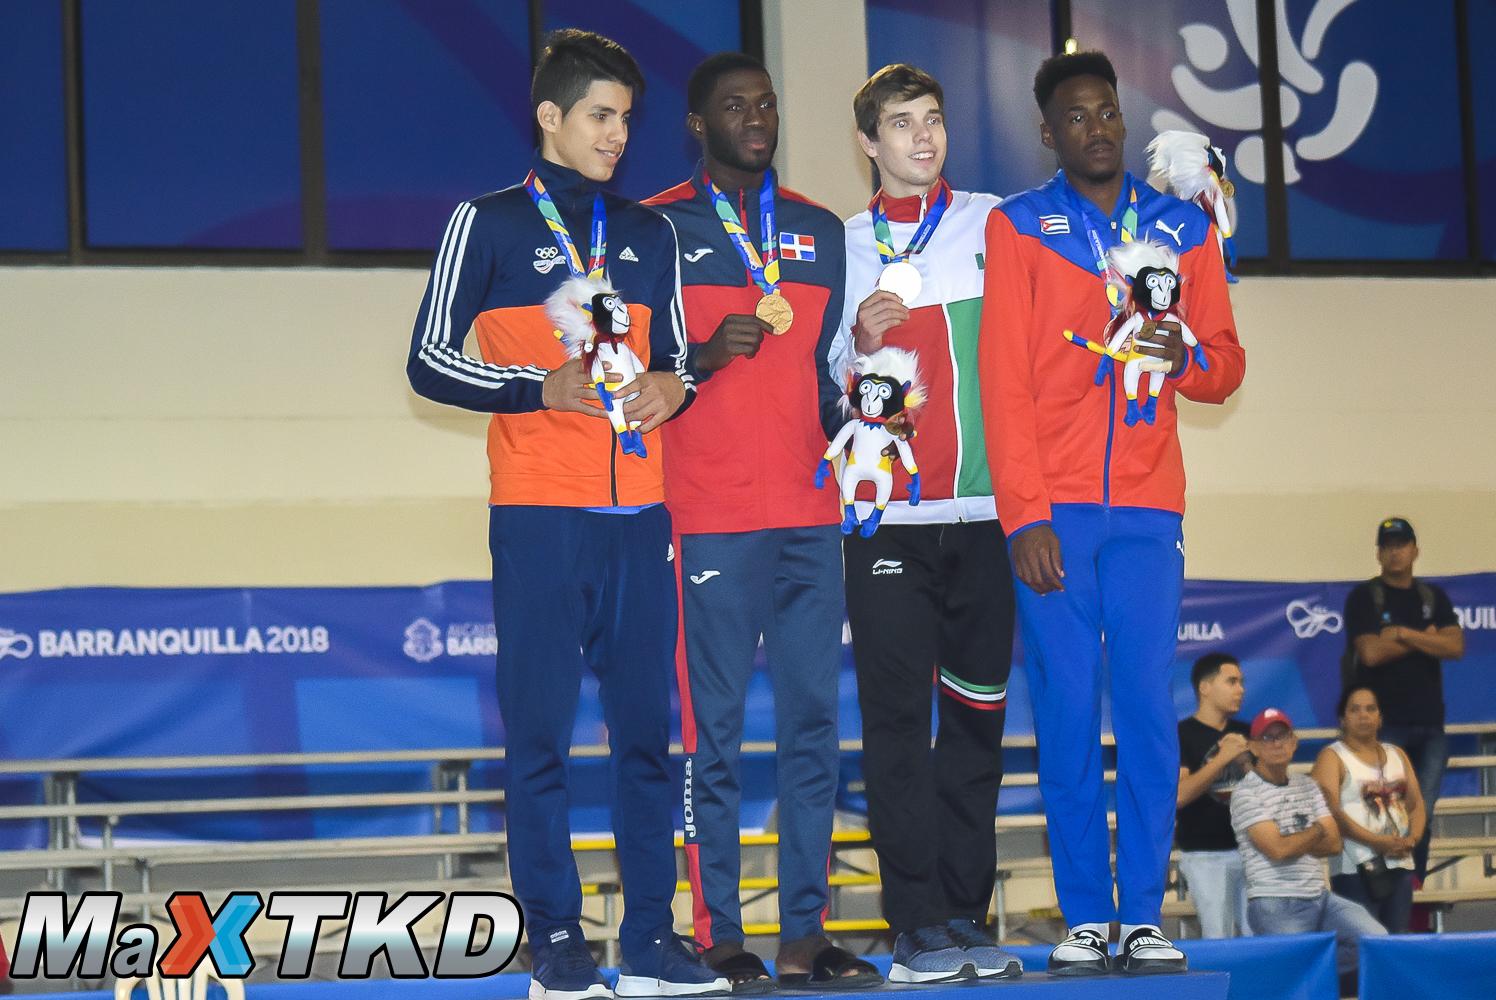 20180720_JCAC-Barranquilla2018_podio-Masculino-63